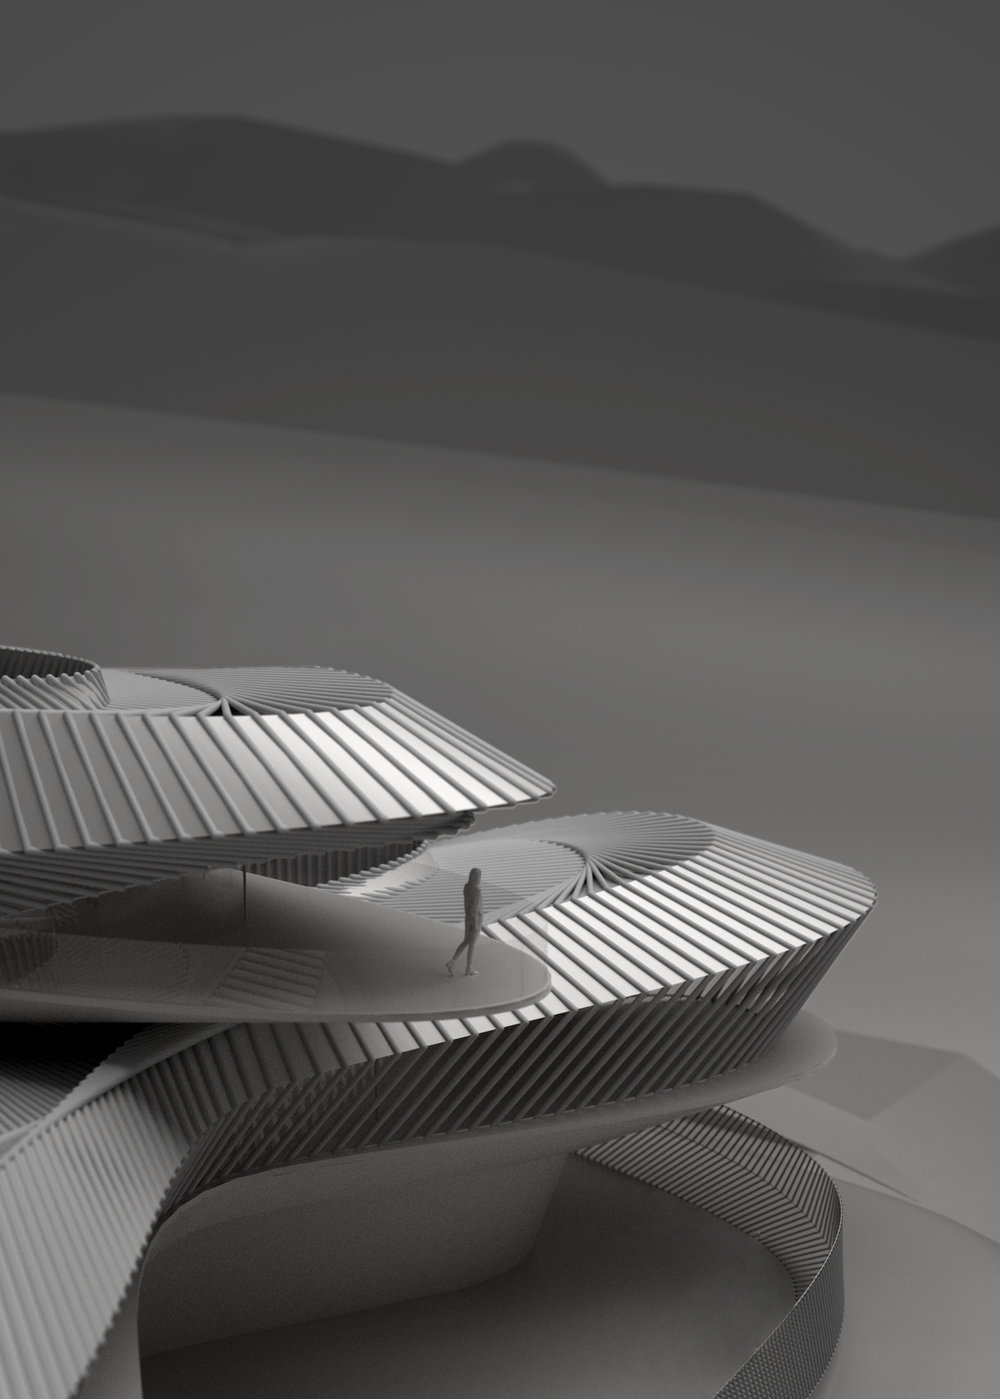 Concept house Bilska de Beaupuy detail.jpg